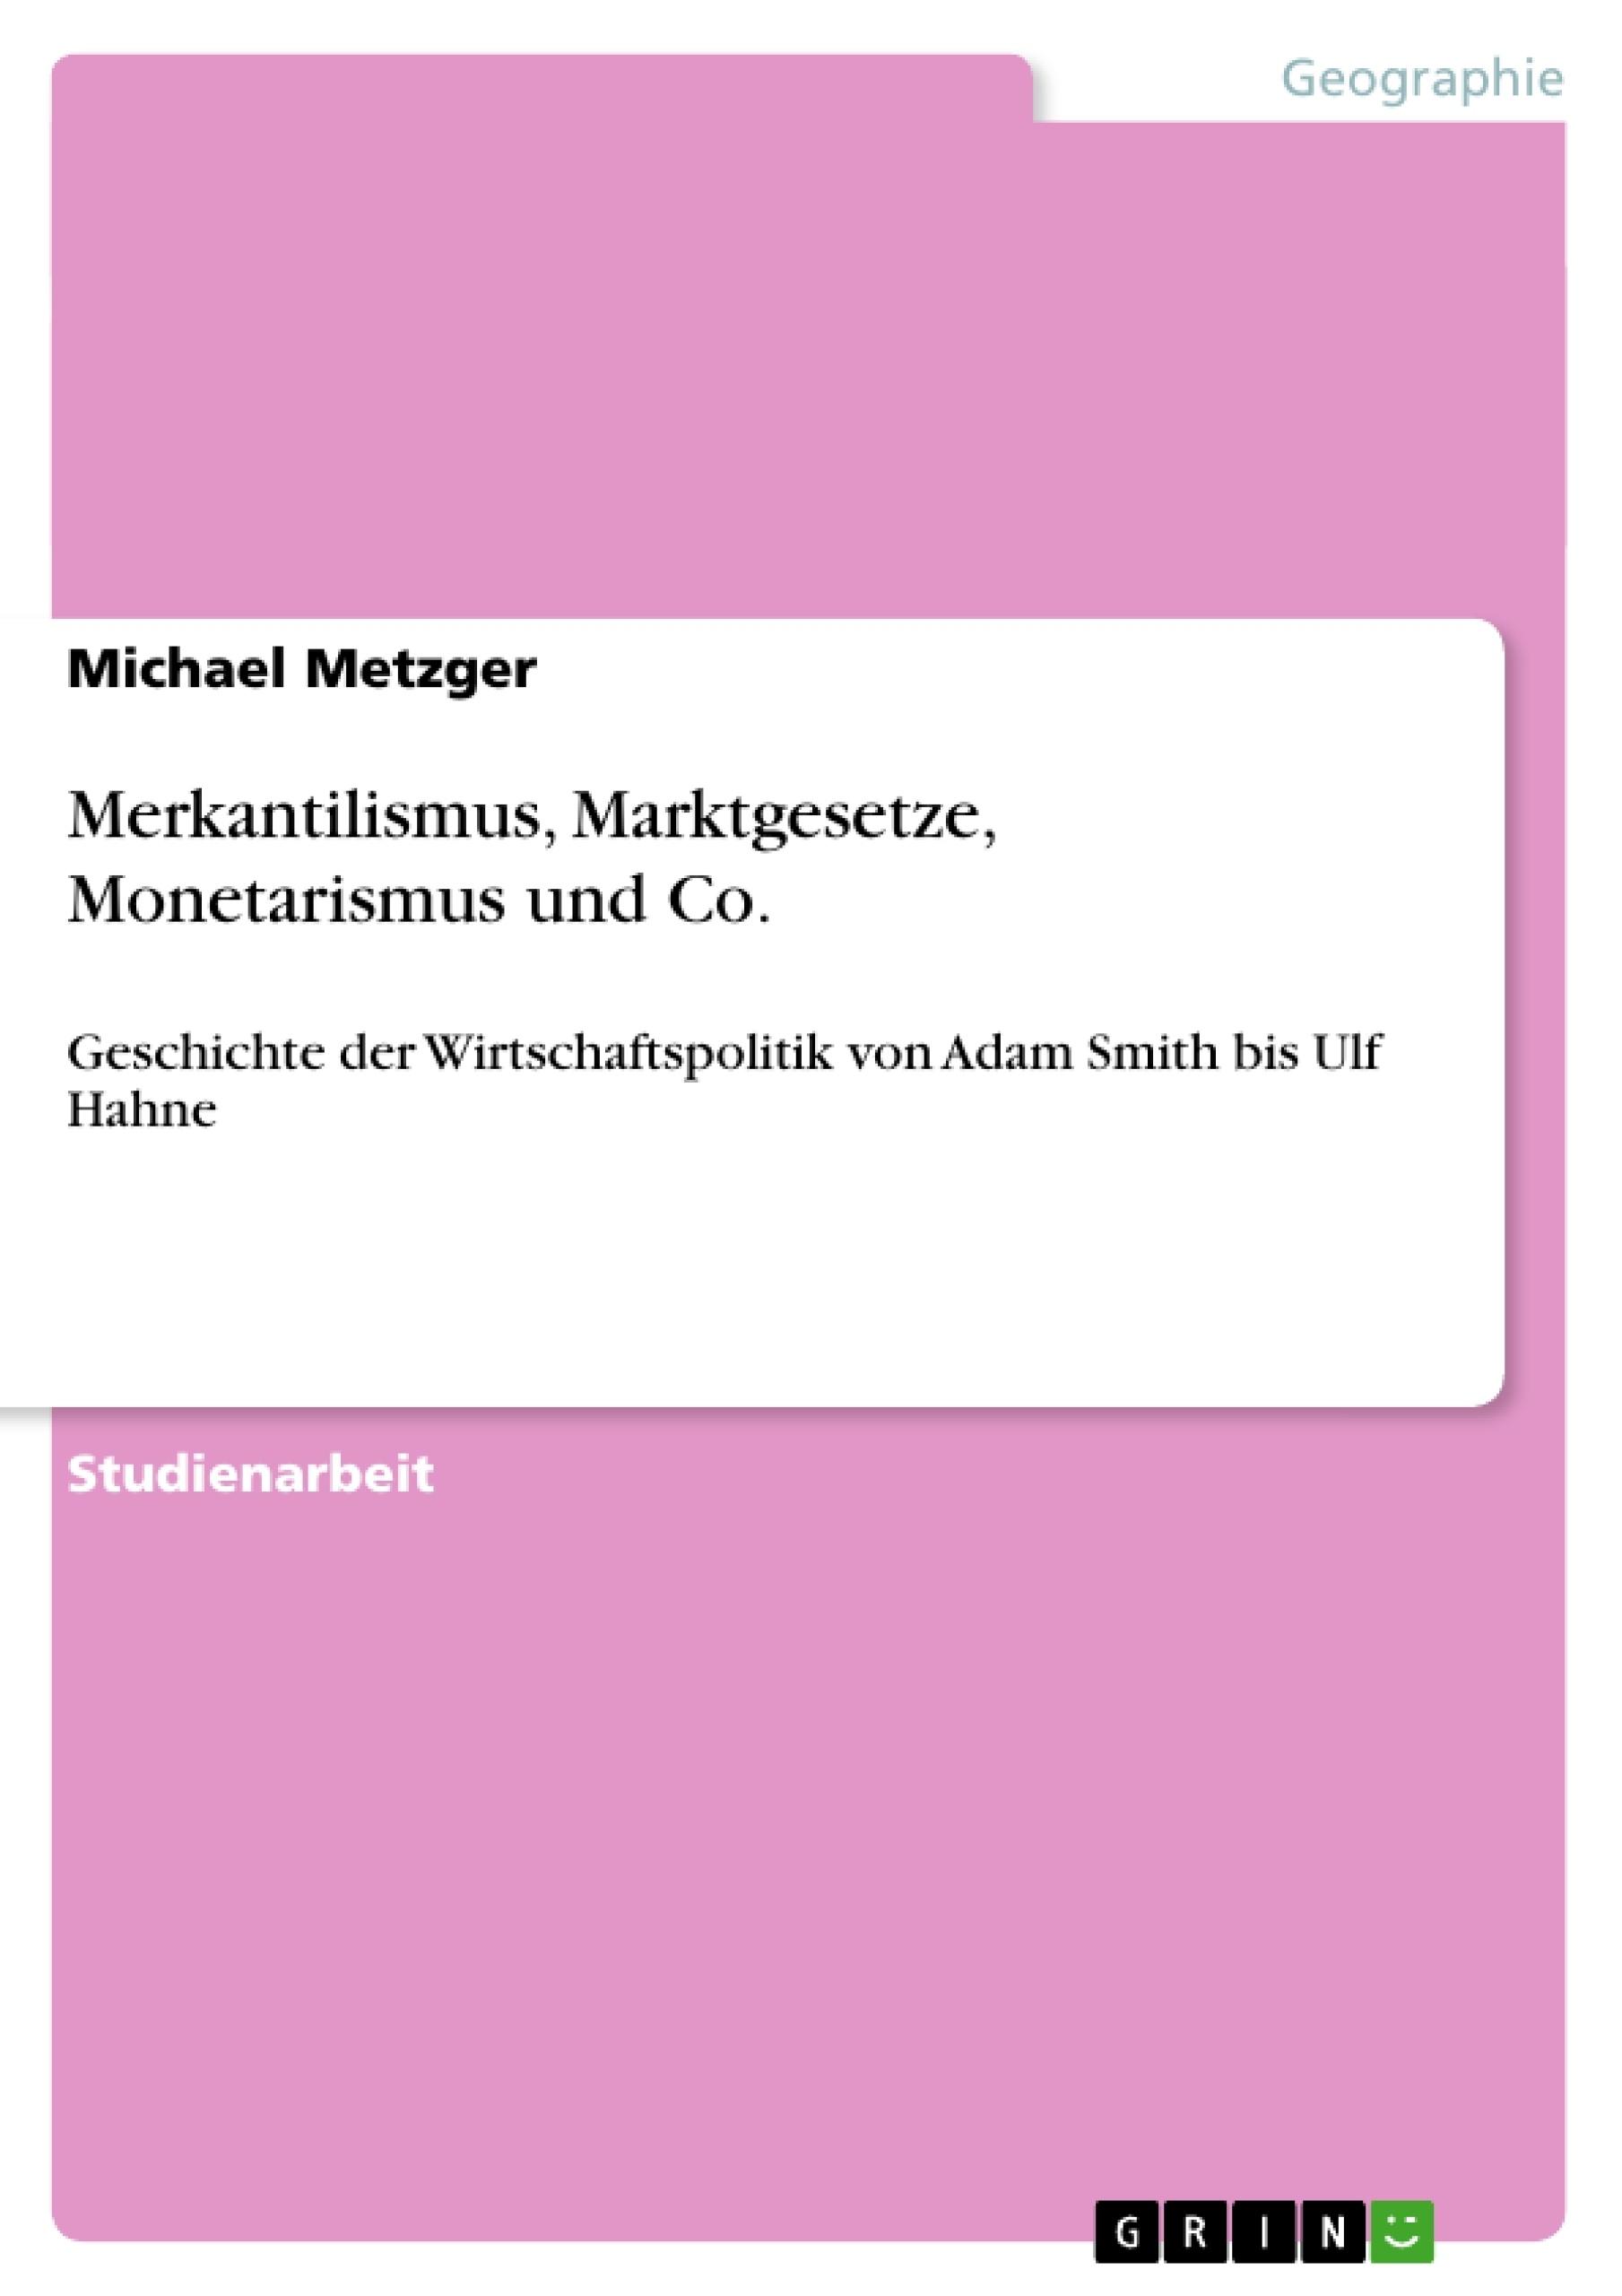 Titel: Merkantilismus, Marktgesetze, Monetarismus und Co.